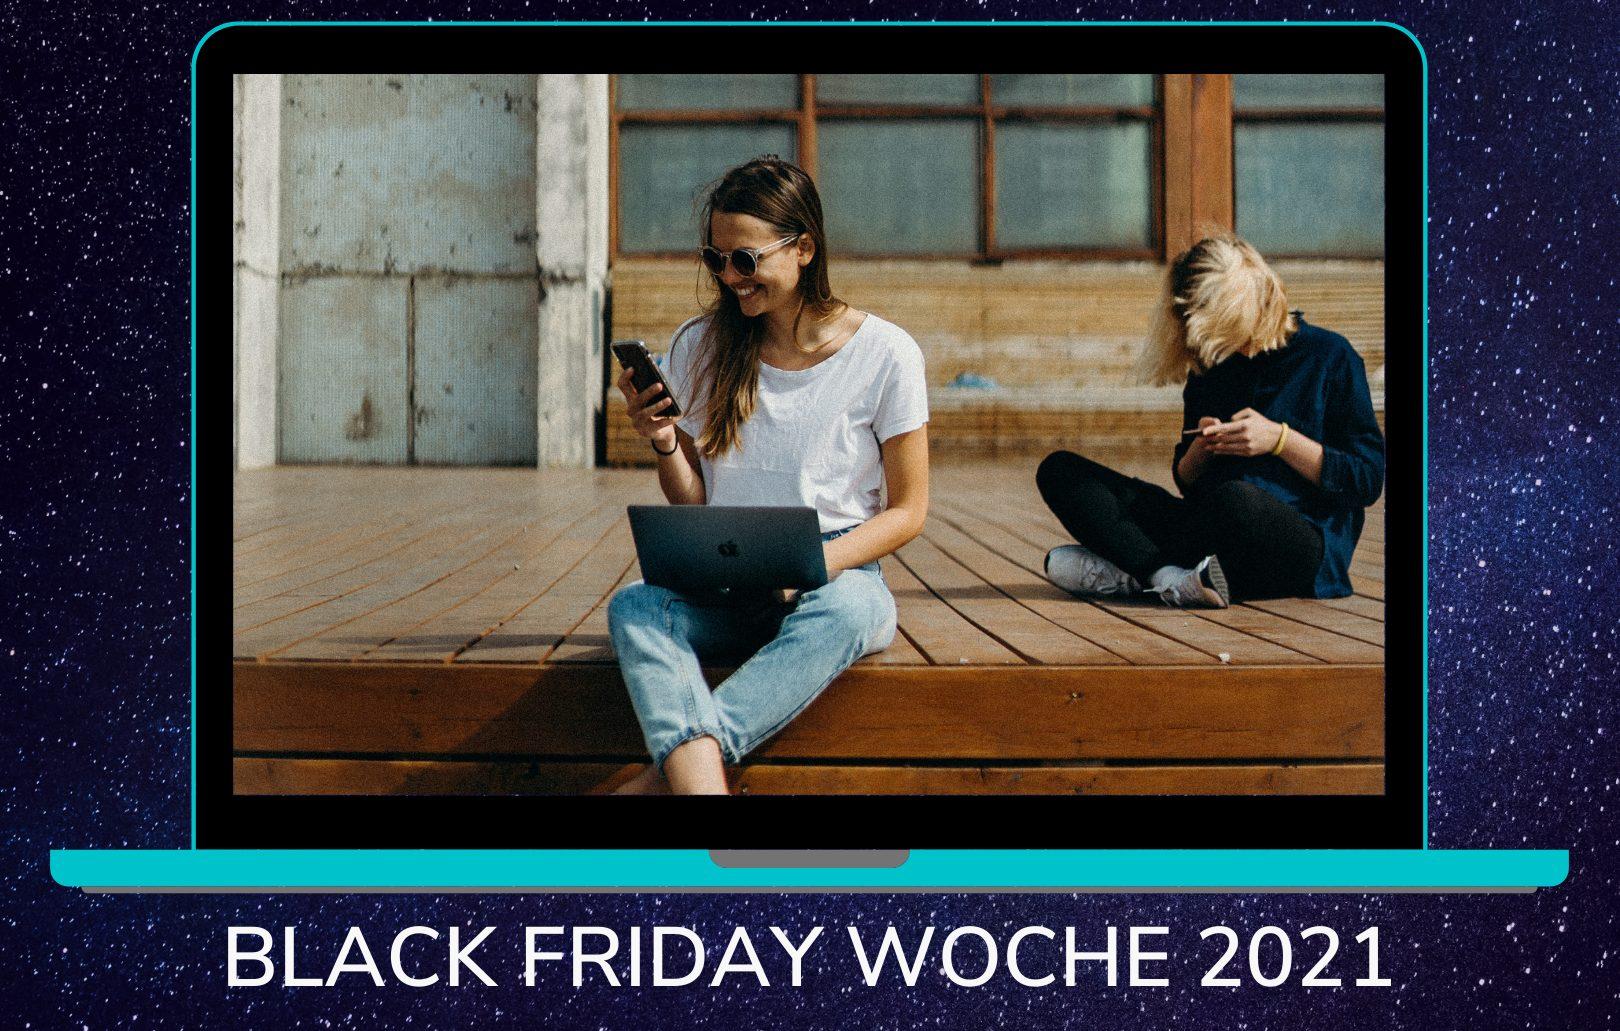 Black Friday Woche 2021